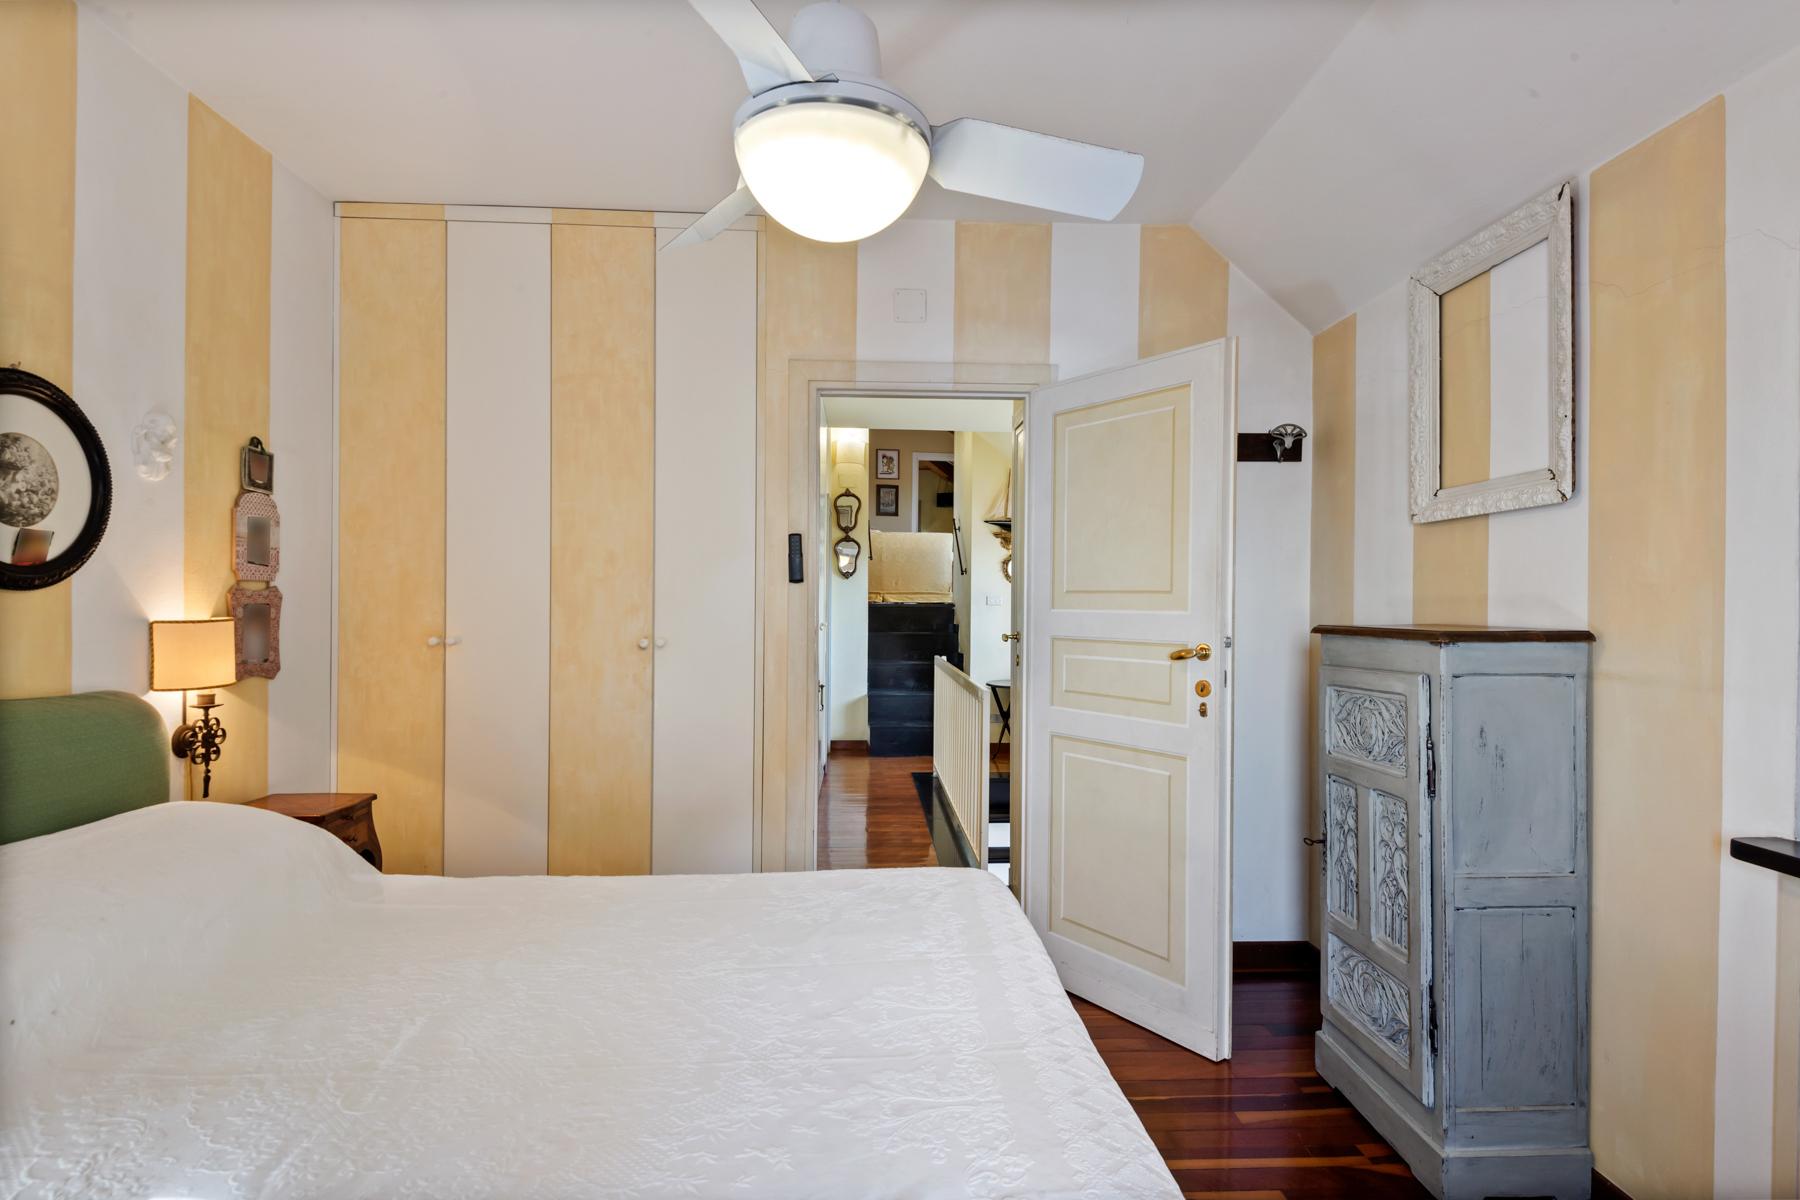 Casa indipendente in Vendita a Genova: 5 locali, 150 mq - Foto 14